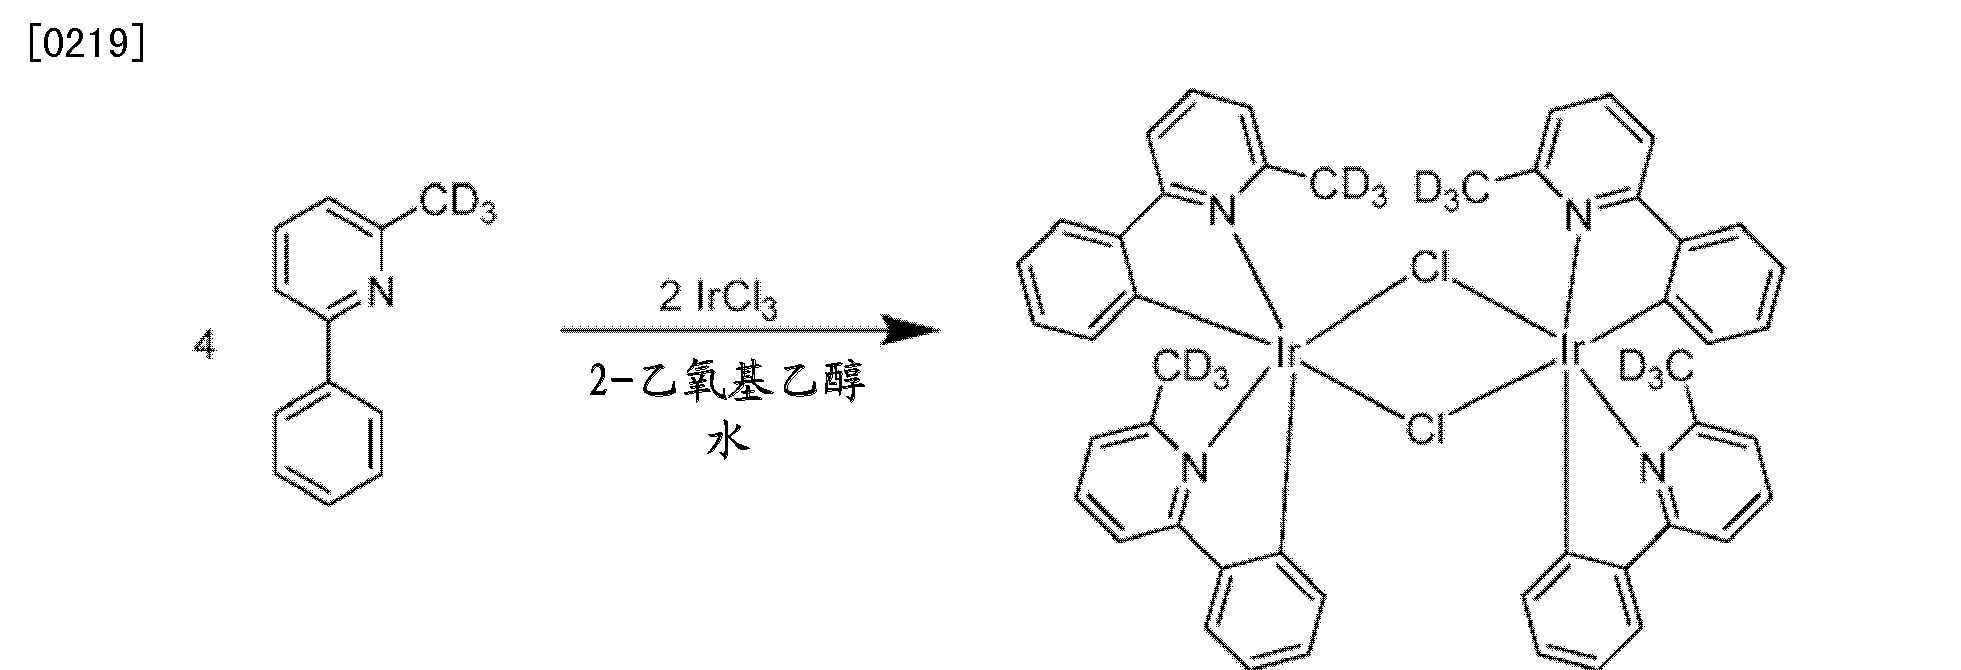 Figure CN102459505BD00692